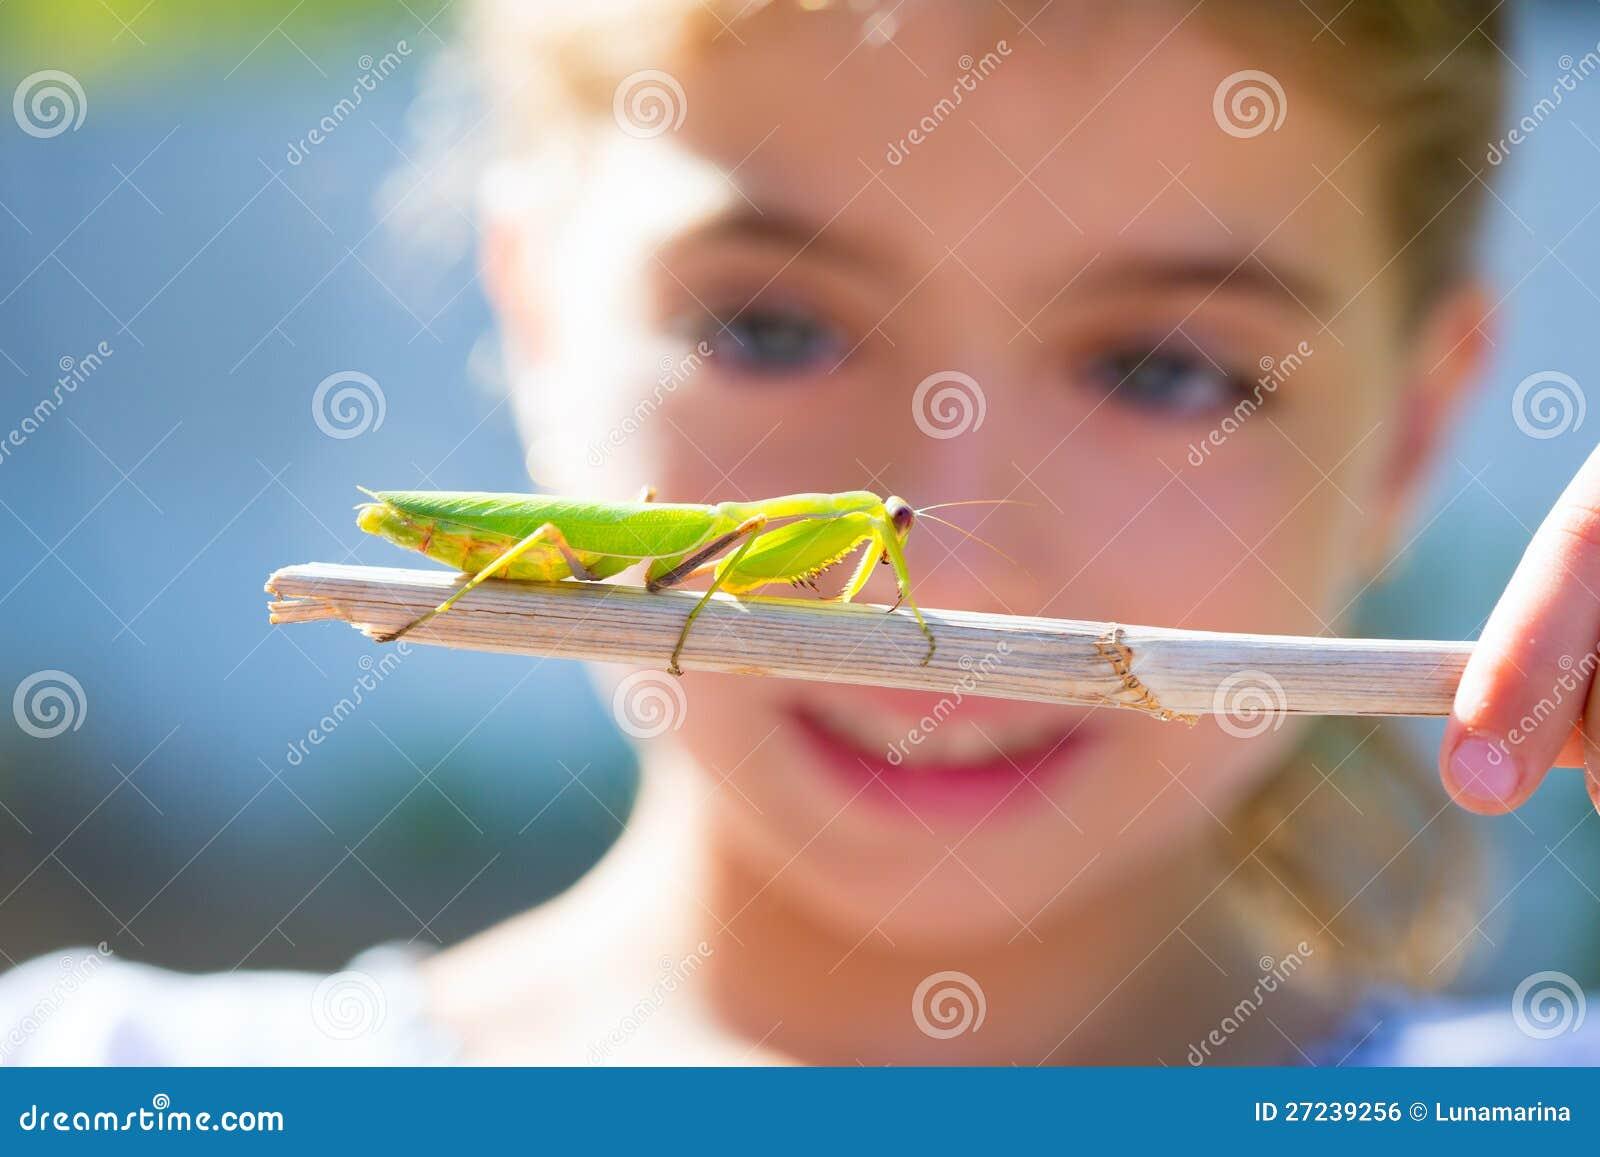 Kid small girl looking praying mantis